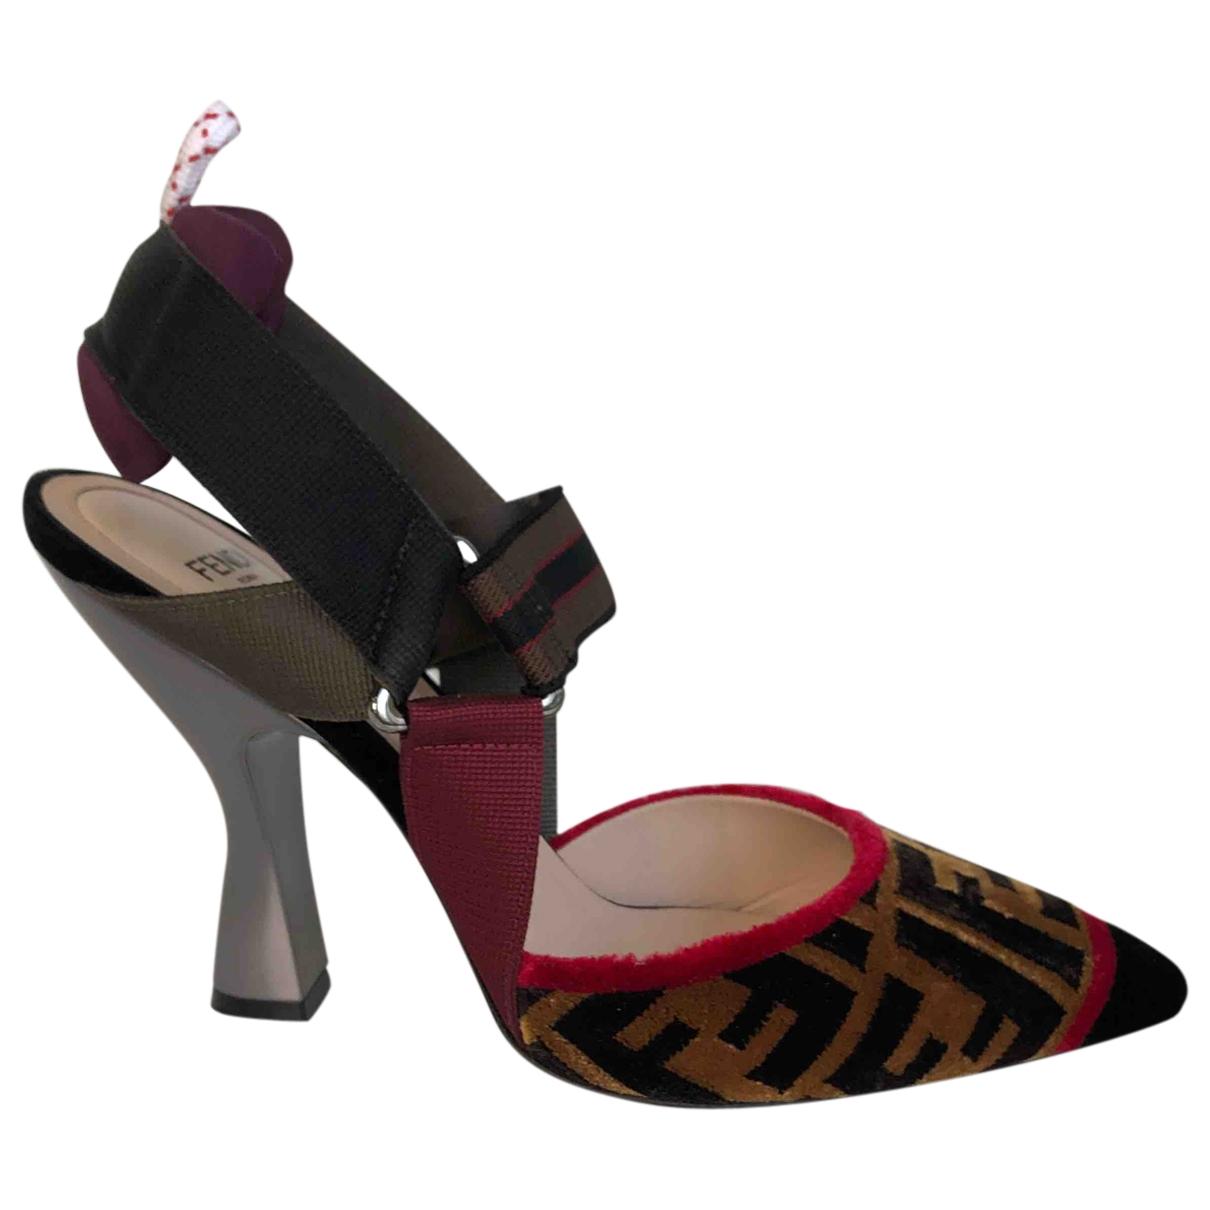 Fendi - Escarpins Colibri pour femme en velours - multicolore